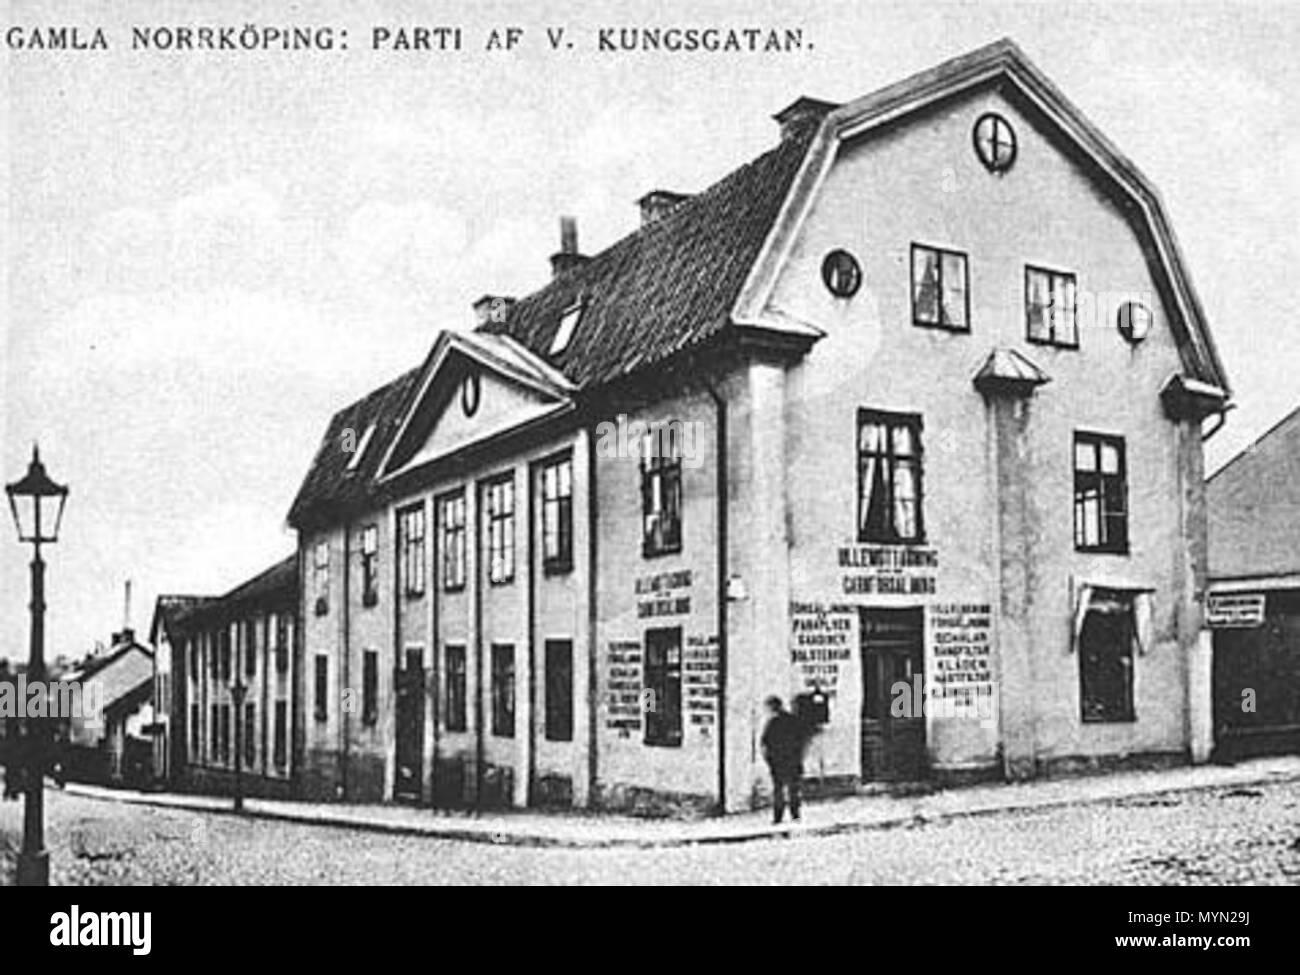 Anna Maria Jakobsson (Jacobsson) (1869 - 1941) - Genealogy